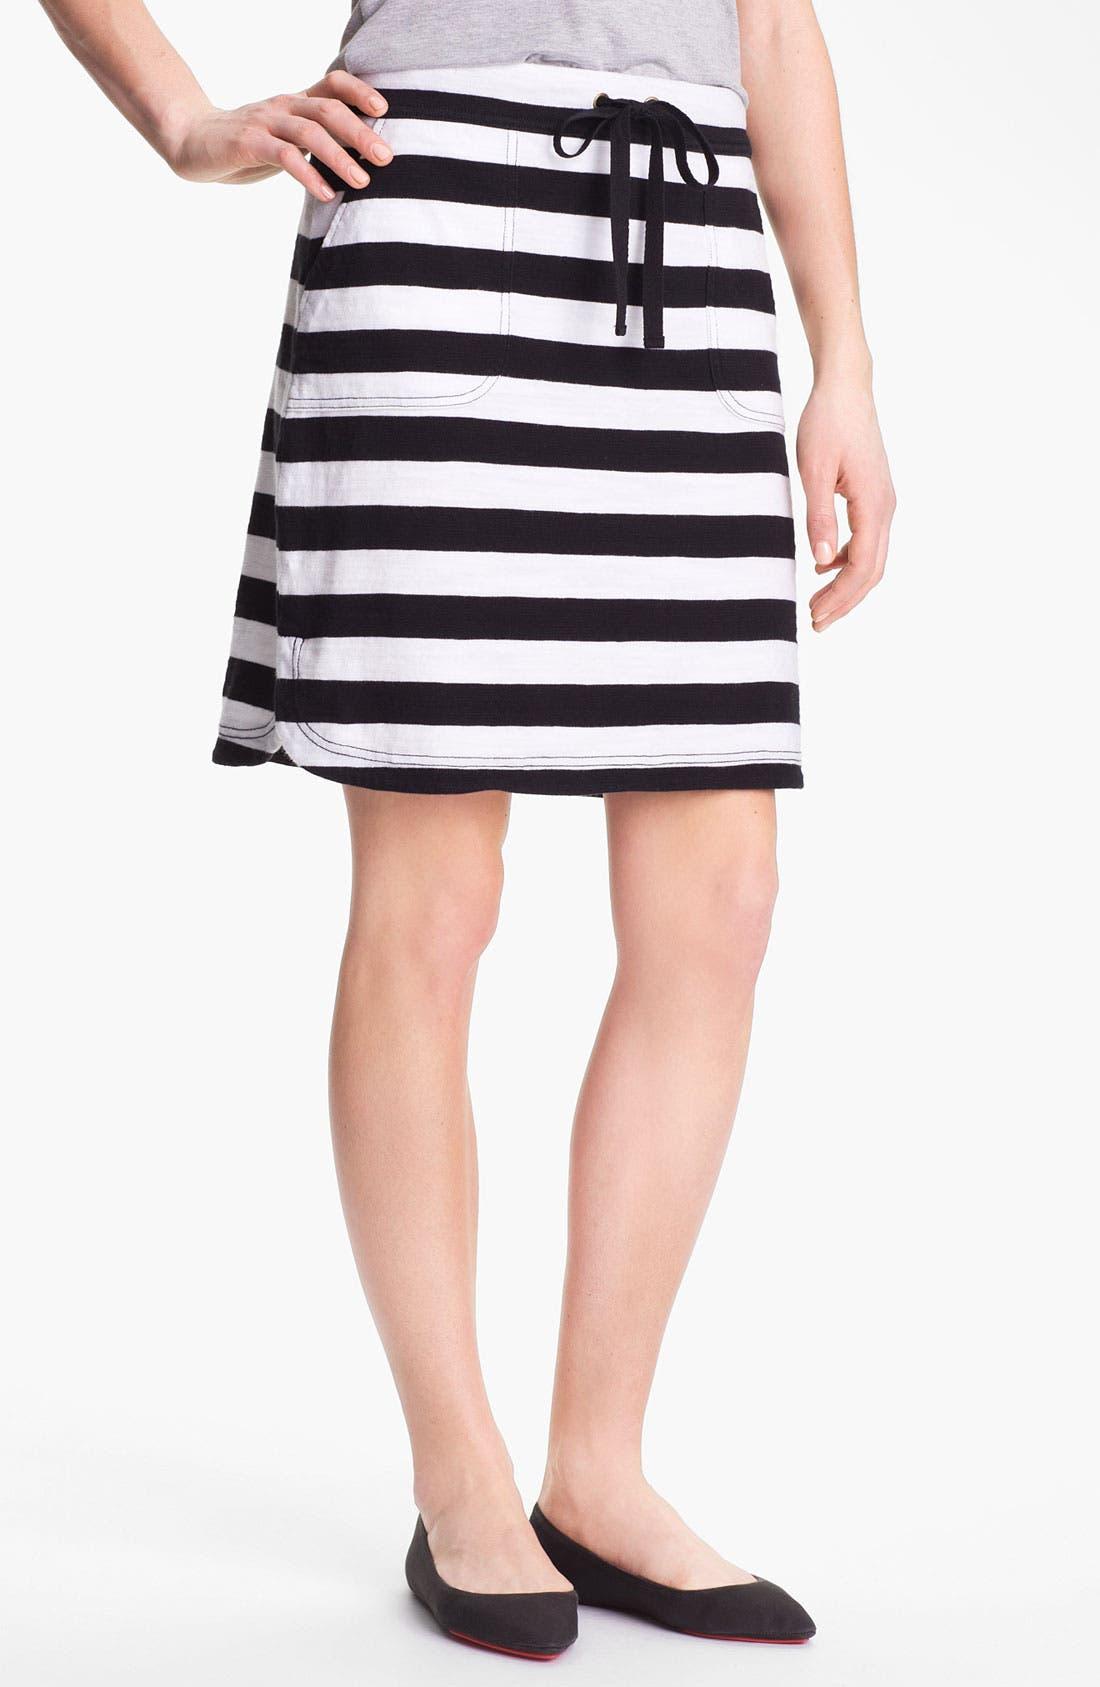 Alternate Image 1 Selected - Caslon Drawstring Skirt